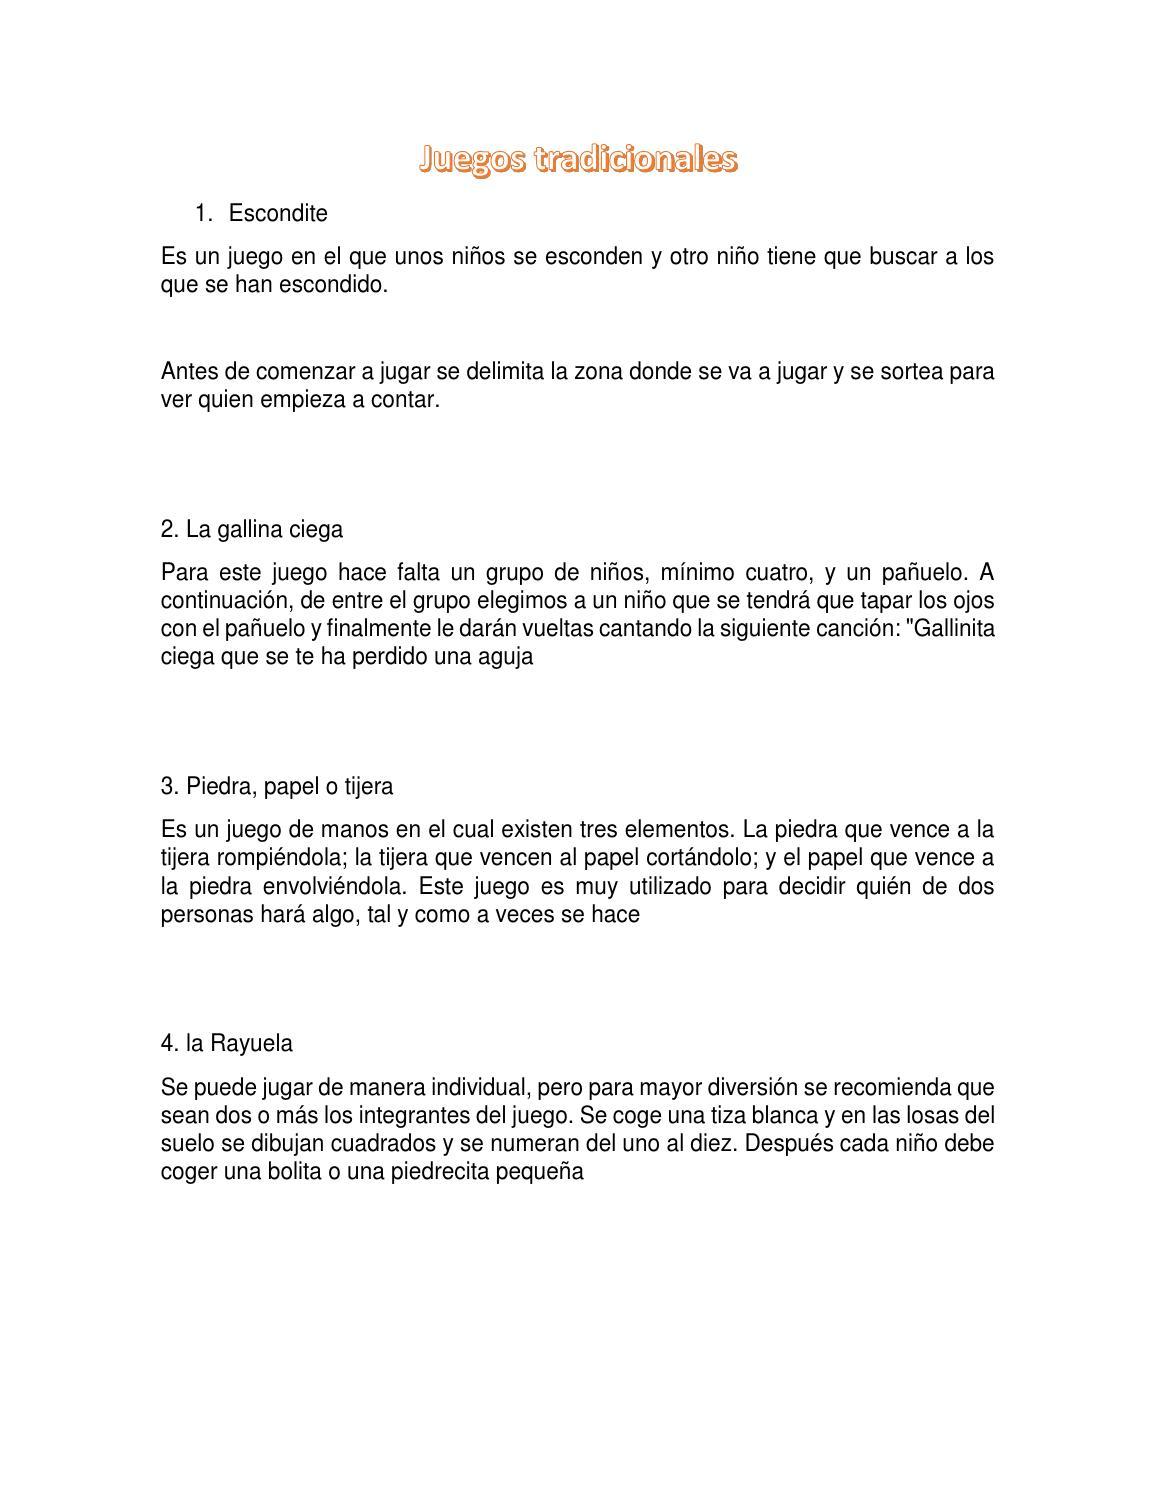 Juegos Tradicionales 3 By Miguel Angel Rios Cadeavid Issuu